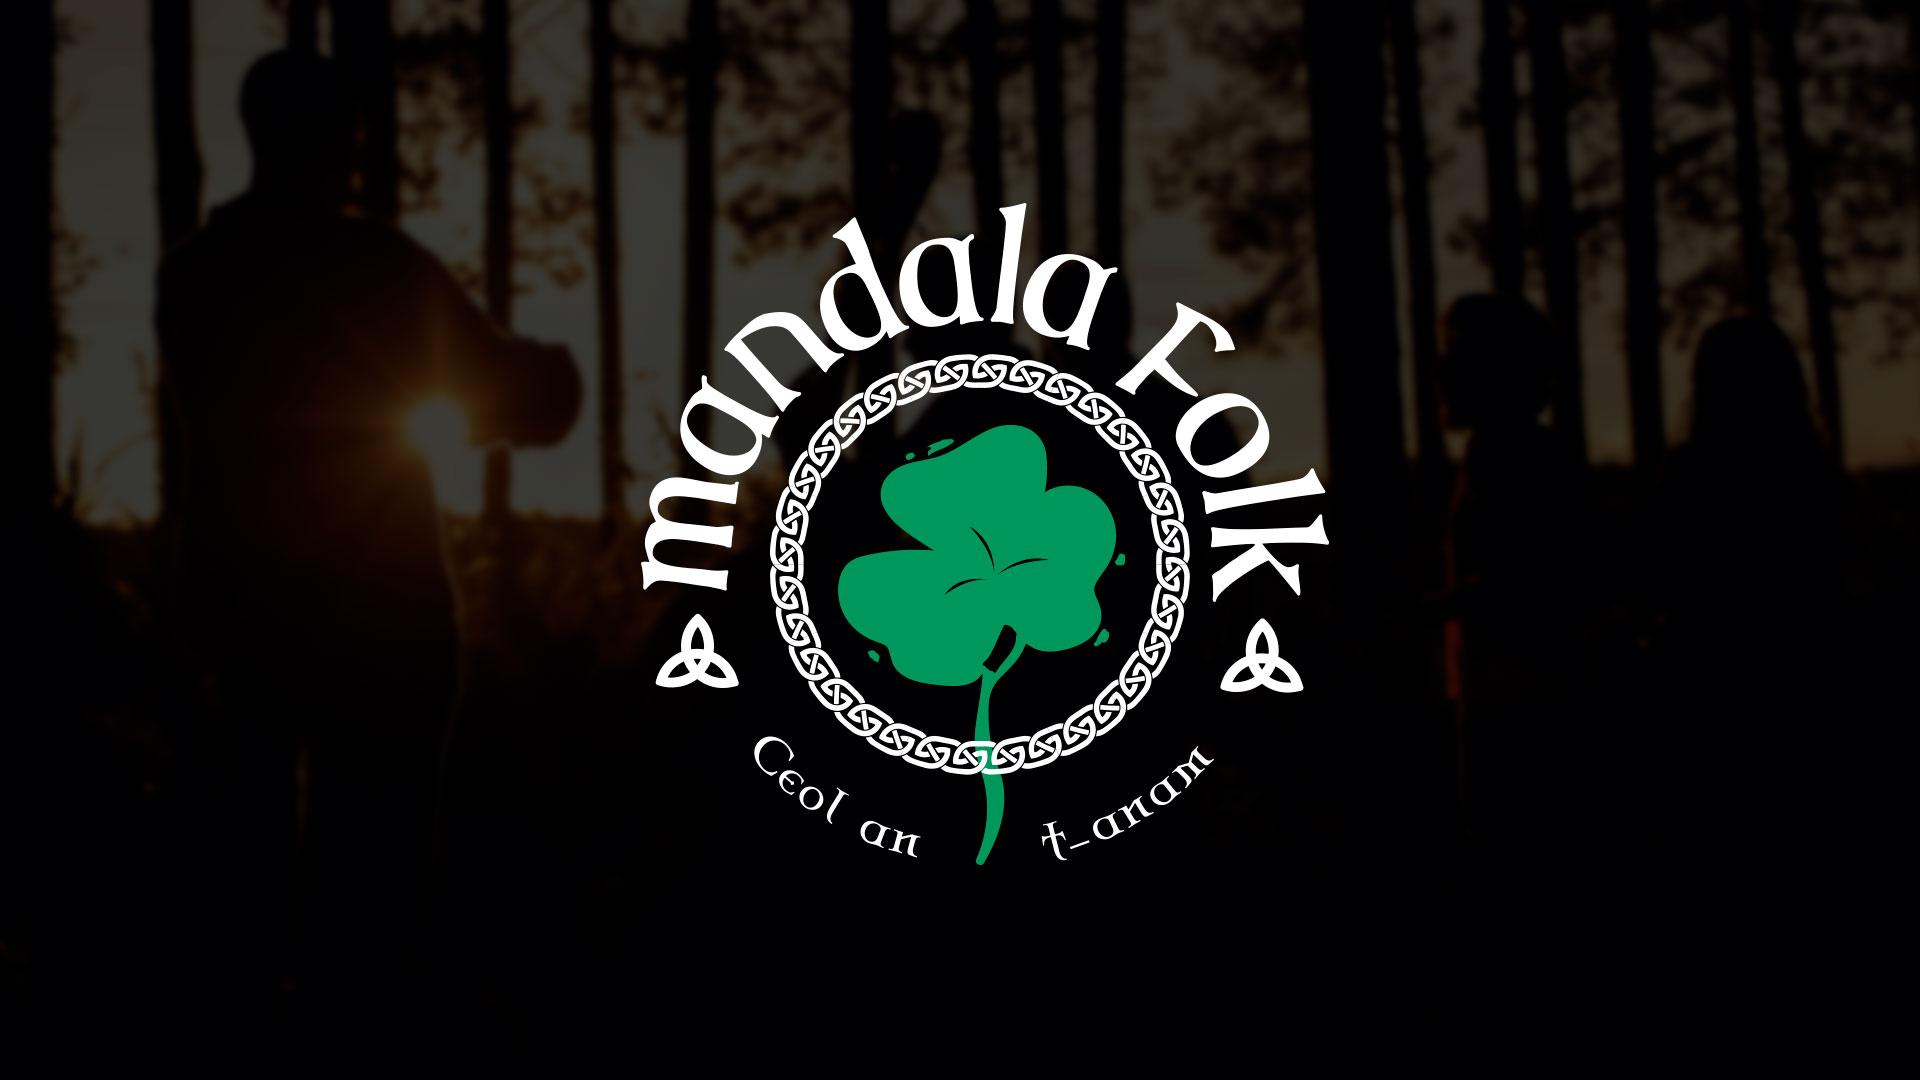 mandala_folk_04